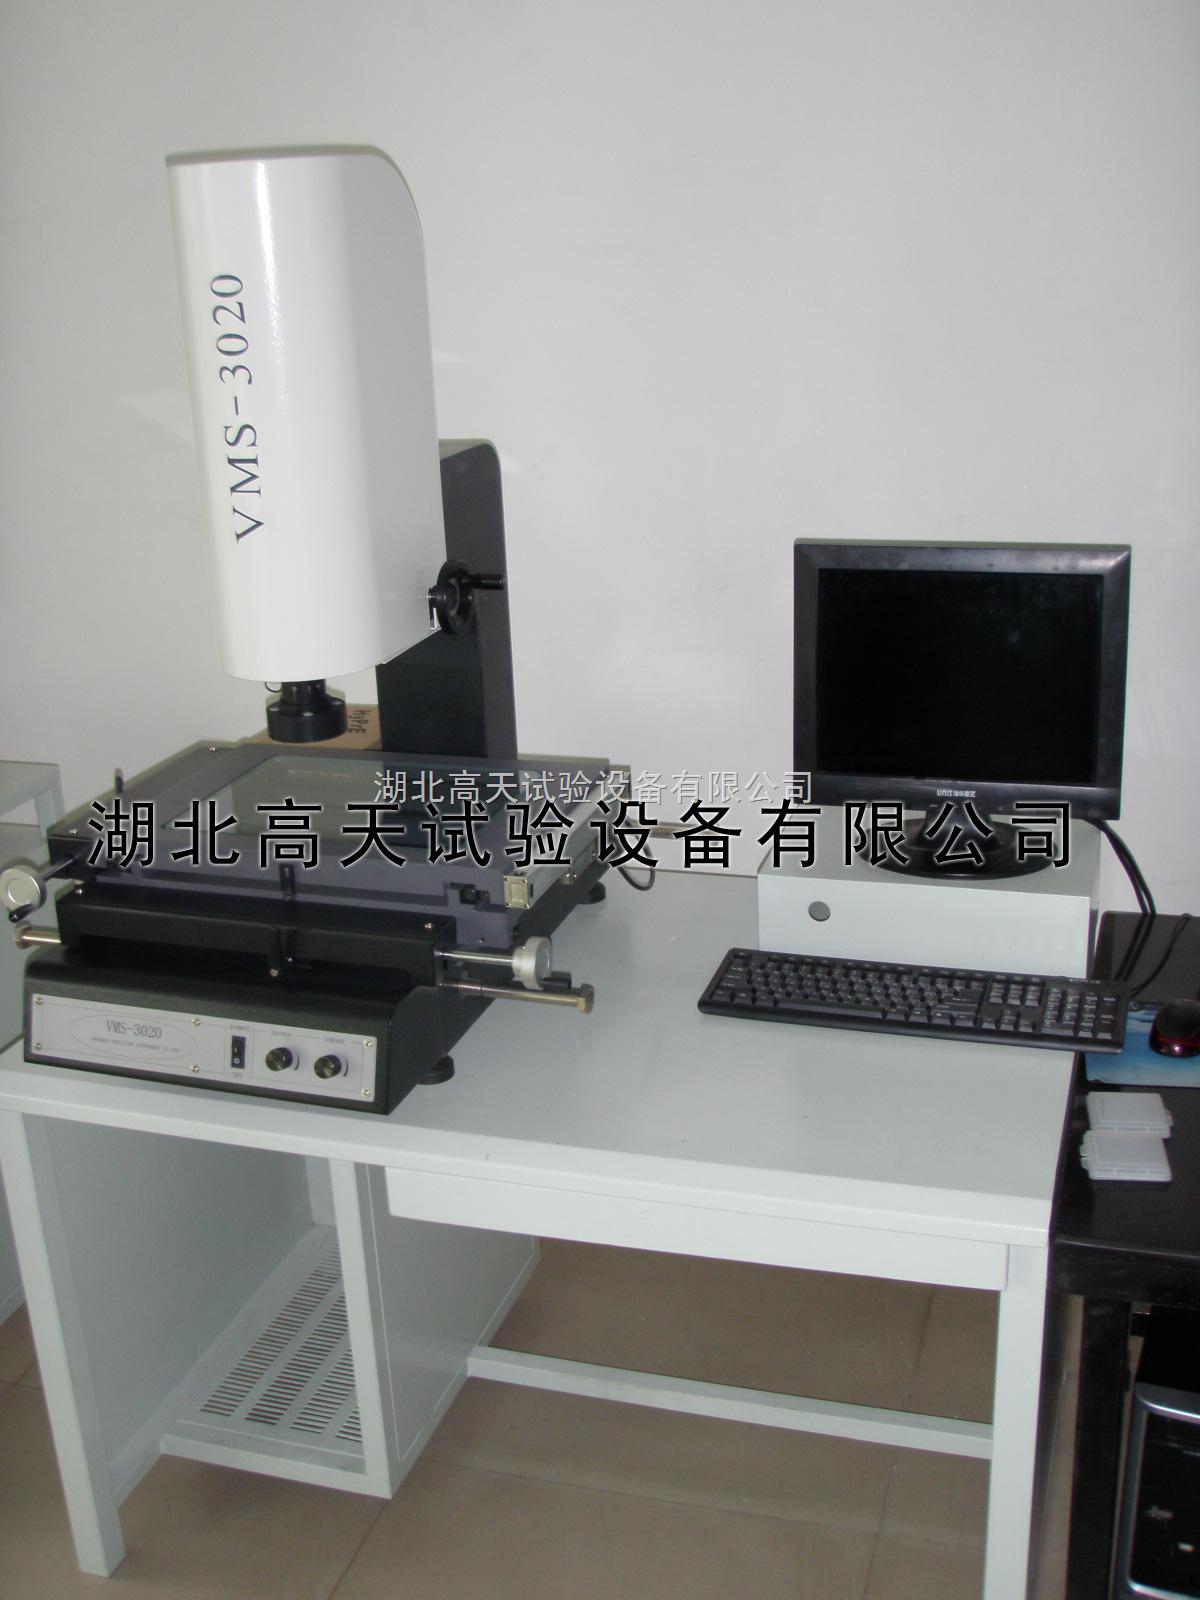 高精密测量仪器,二次元测量仪价格